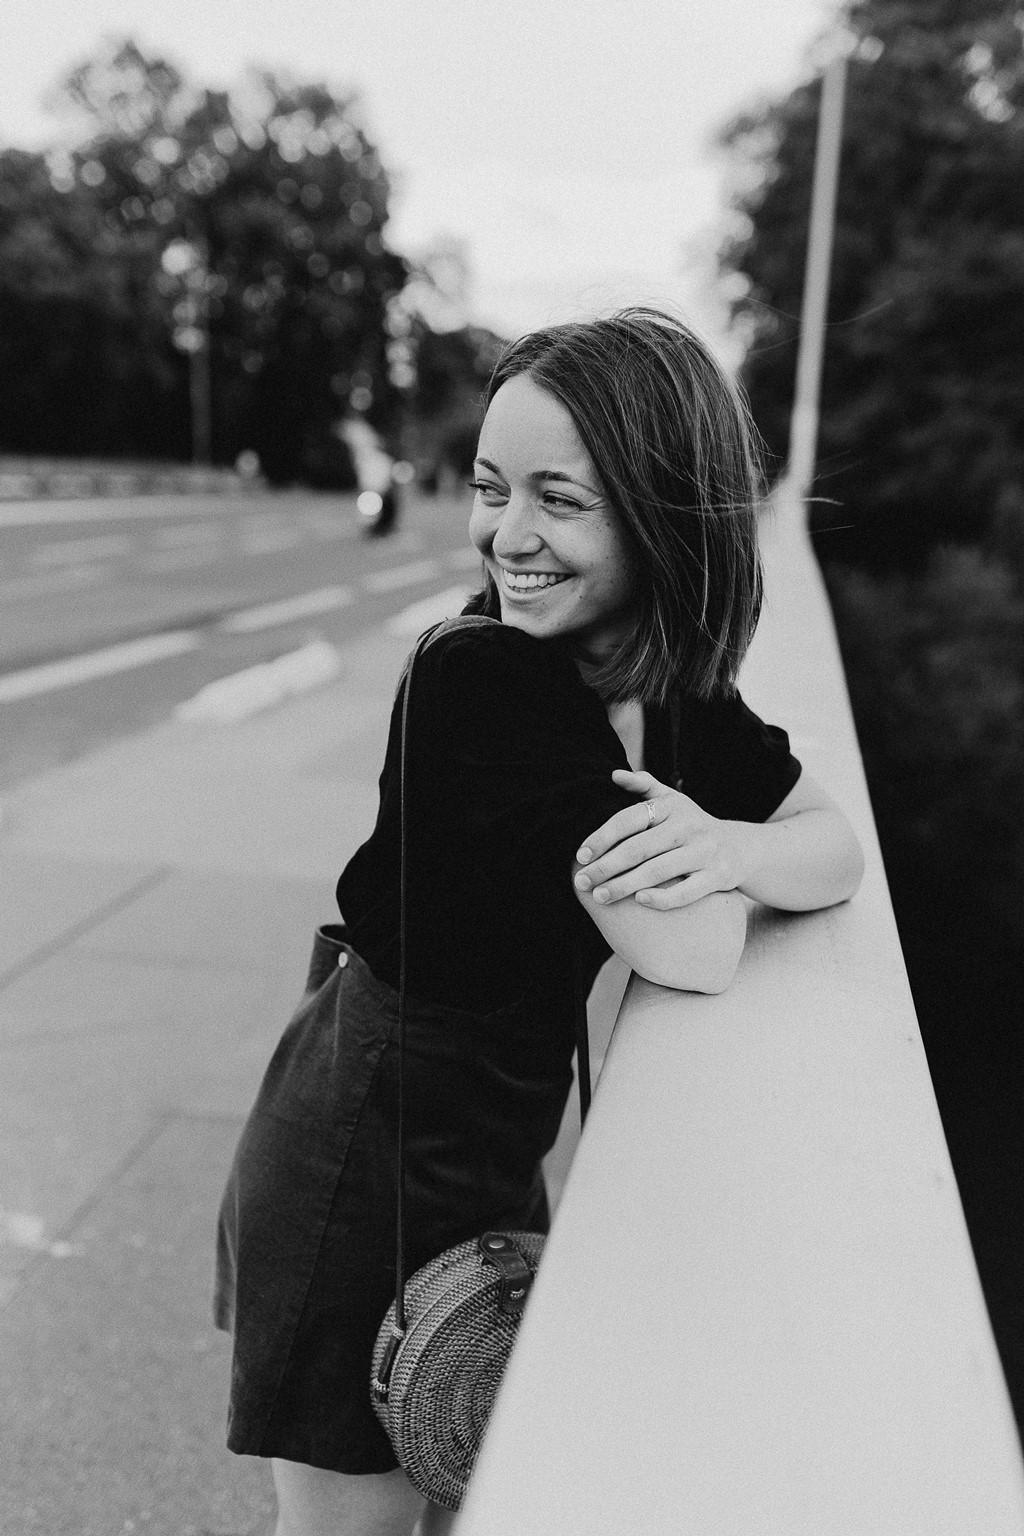 portrait femme souriante rue noir et blanc